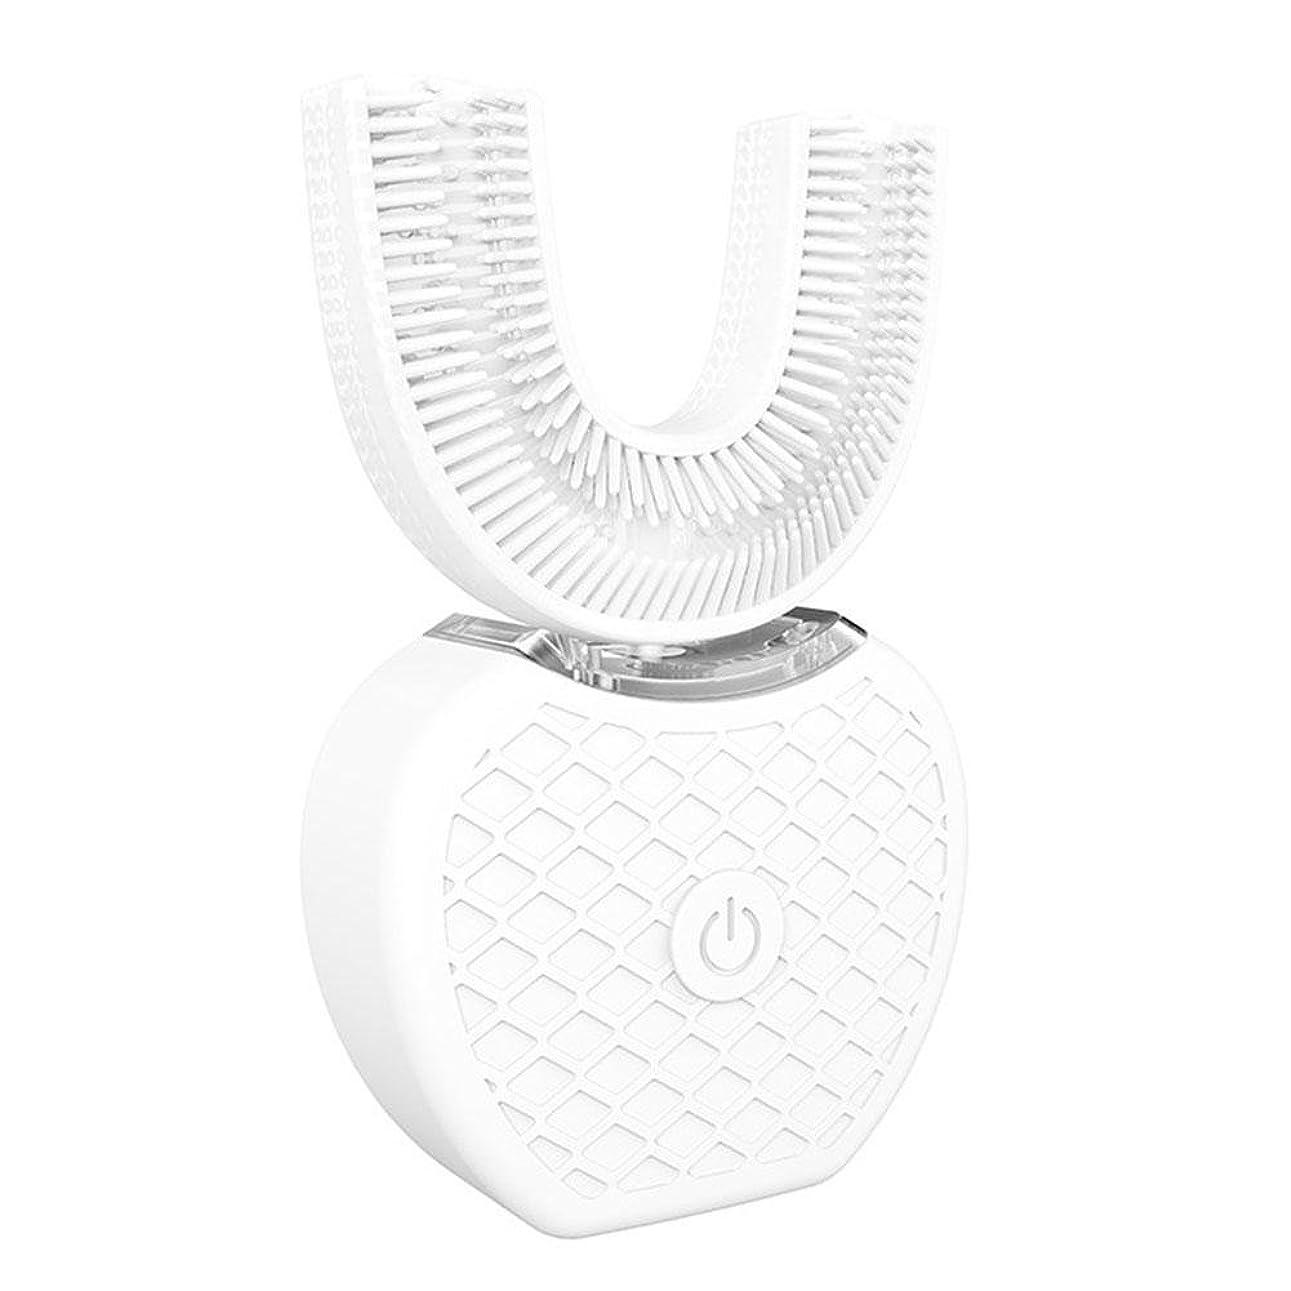 電動歯ブラシ 電動はぶらし 自動式 音波振動歯ブラシ 超音波歯ブラシ 口腔洗浄器 清潔/マッサージ/ホワイトニング機能付 U型電動歯ぶらし ソニック振動ハブラシ ワイヤレス充電